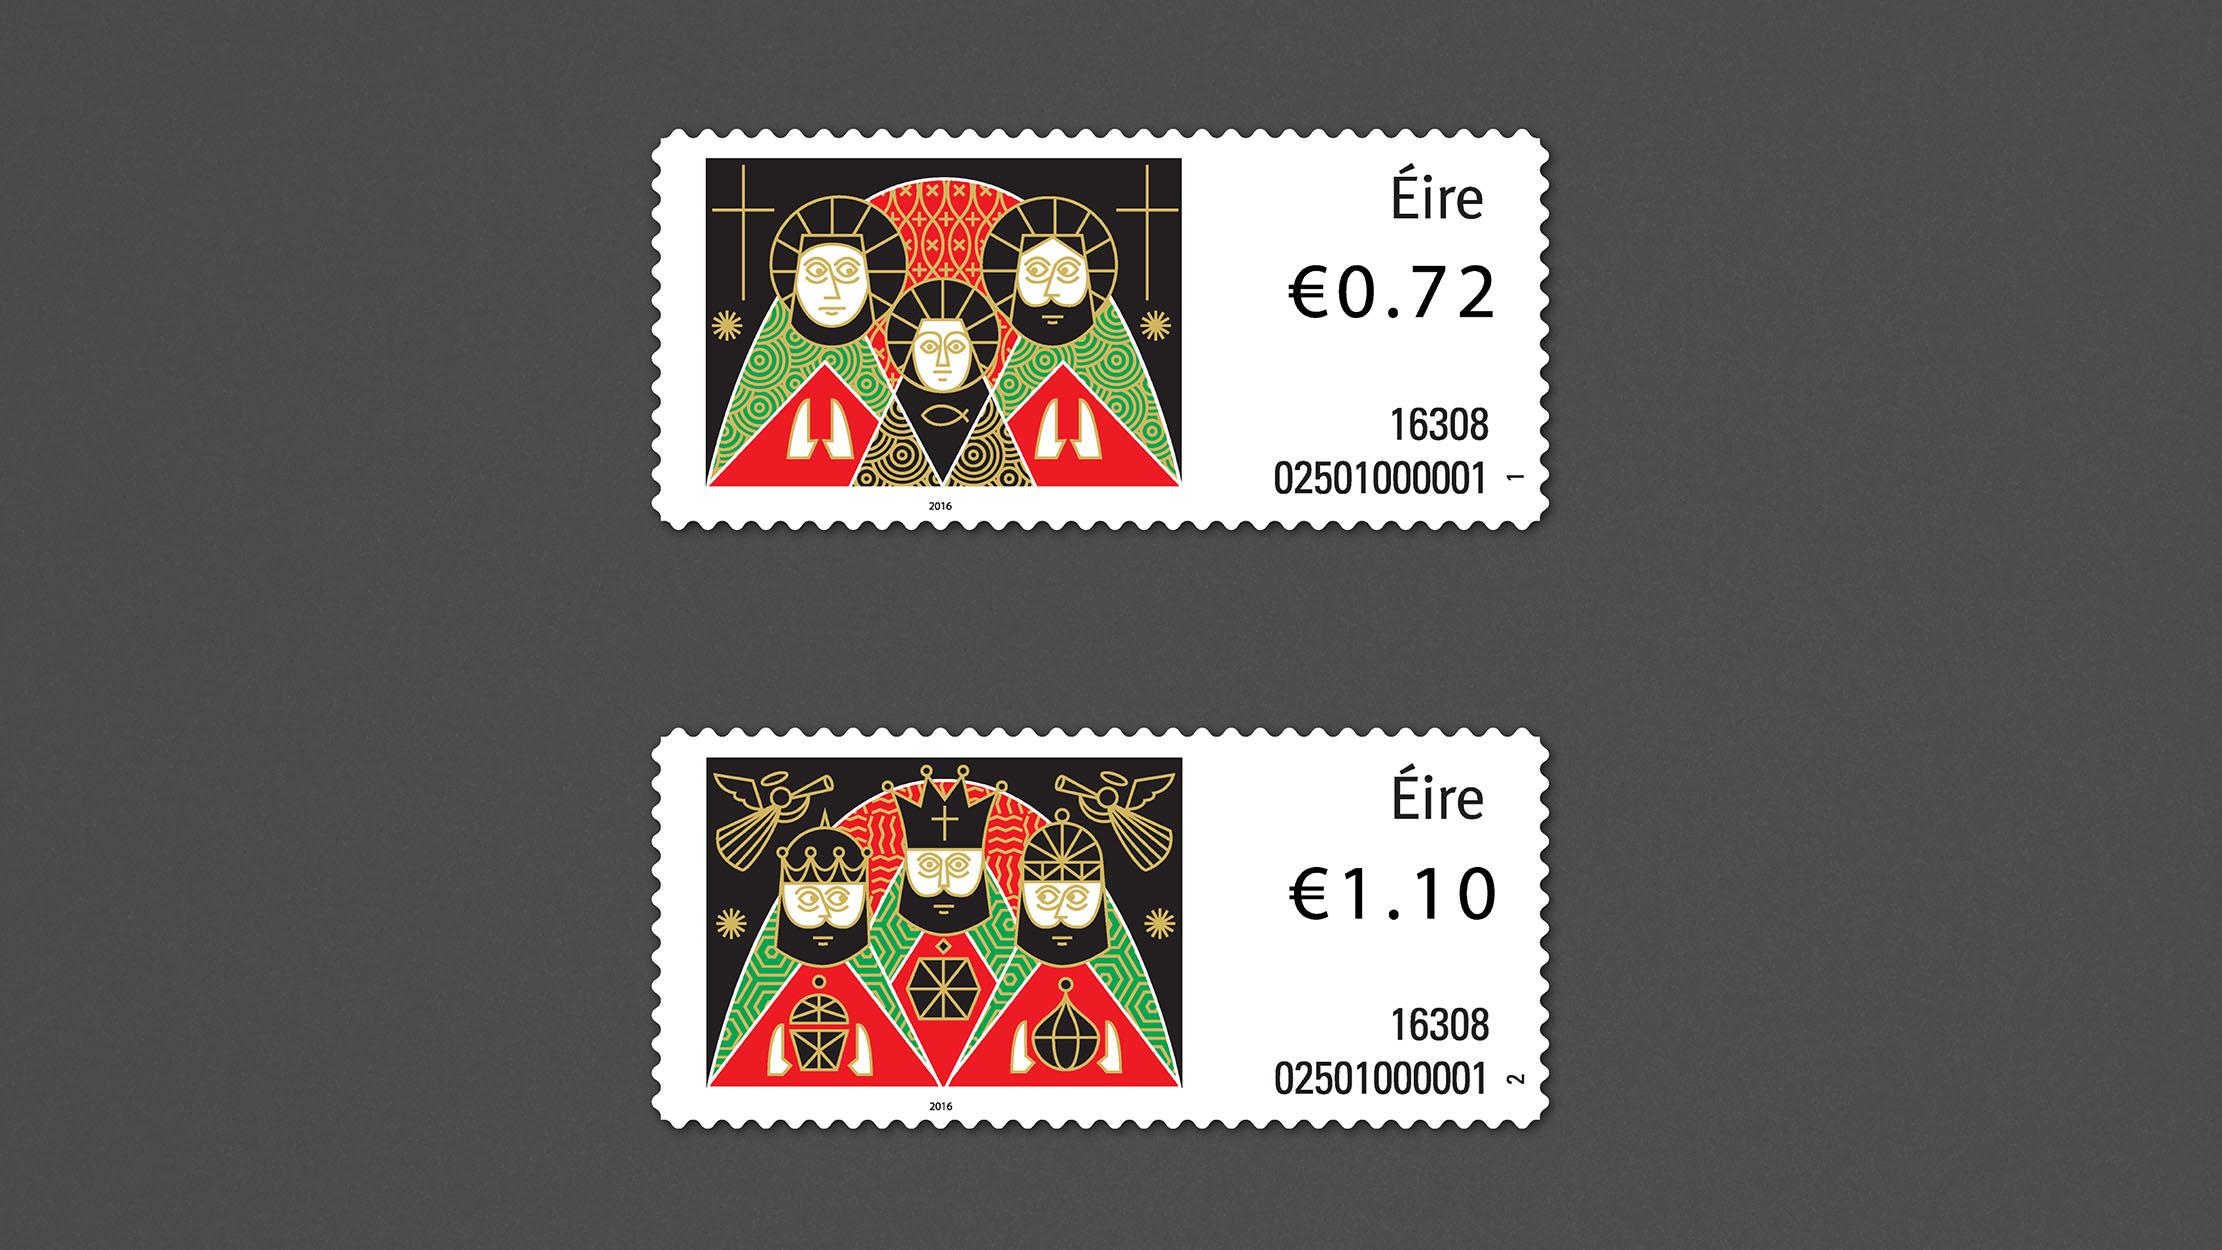 Christmas Stamps 2016 -2